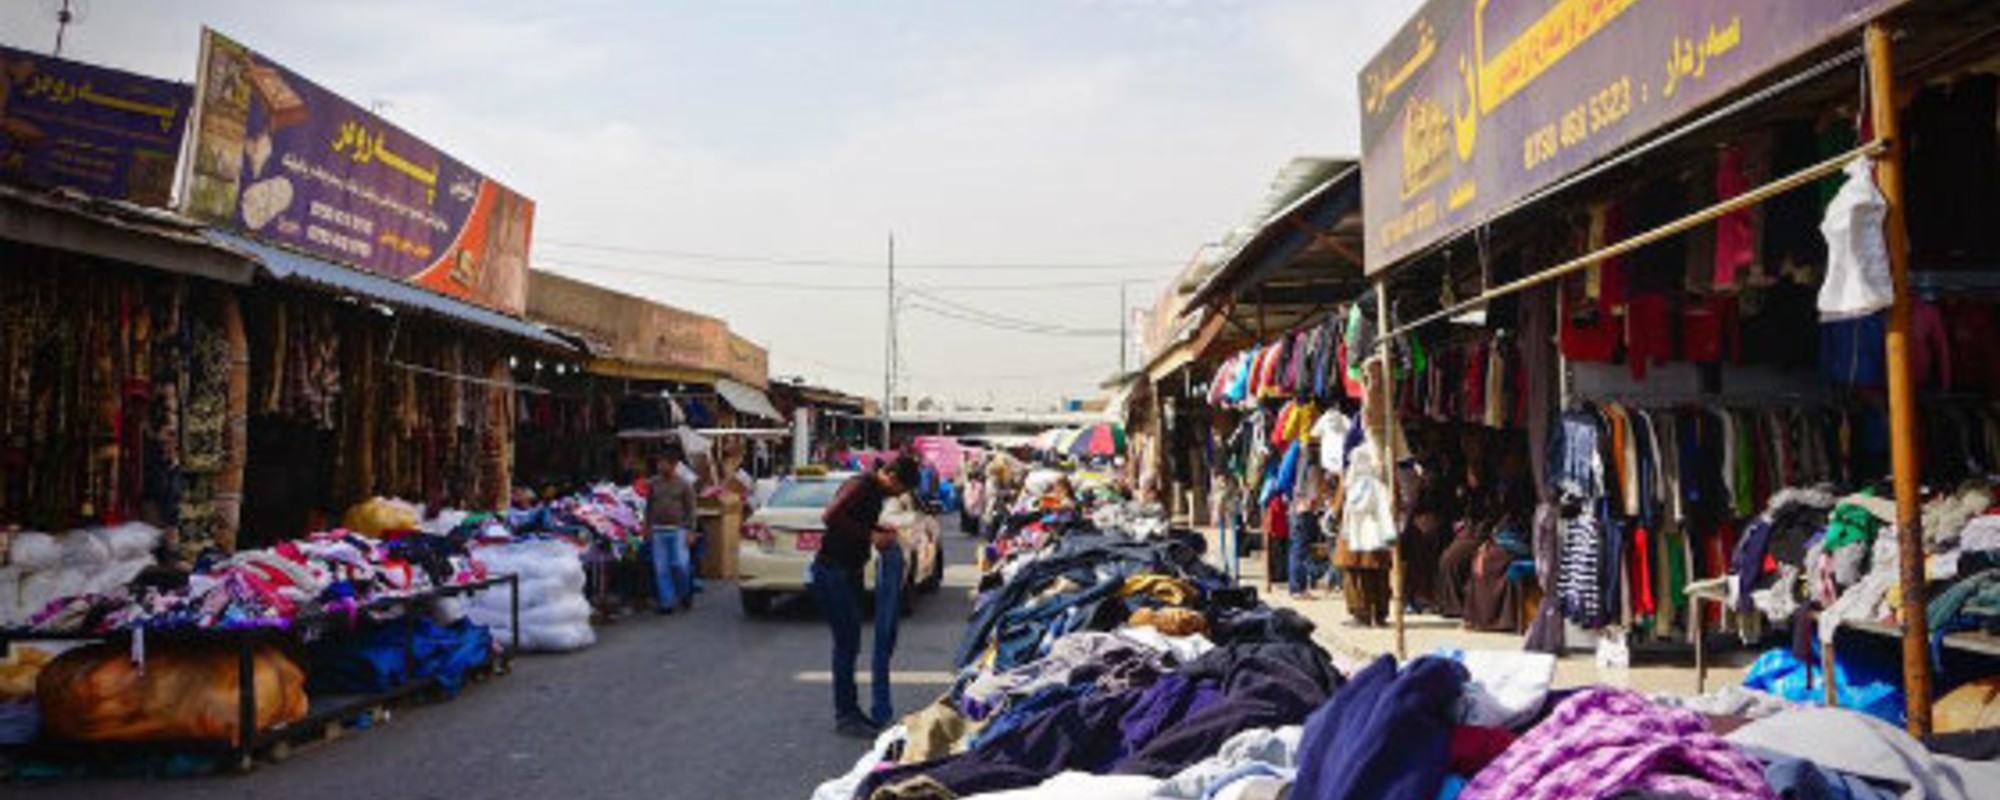 Fotografii cu lucrurile pe care le lasă în urmă oamenii care fug de Statul Islamic